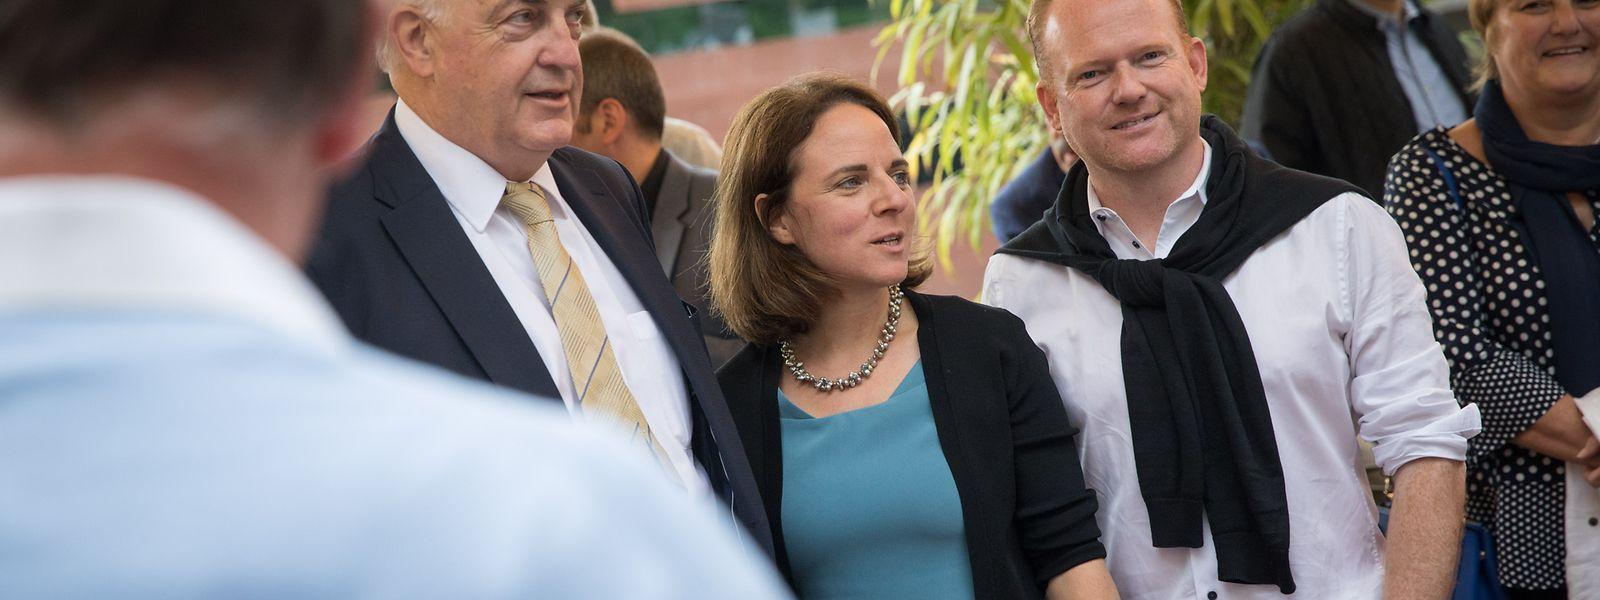 Wahlsieger Charles Goerens (l.) mit seiner Parteichefin Corinne Cahen und Generalsekretär Claude Lamberty.